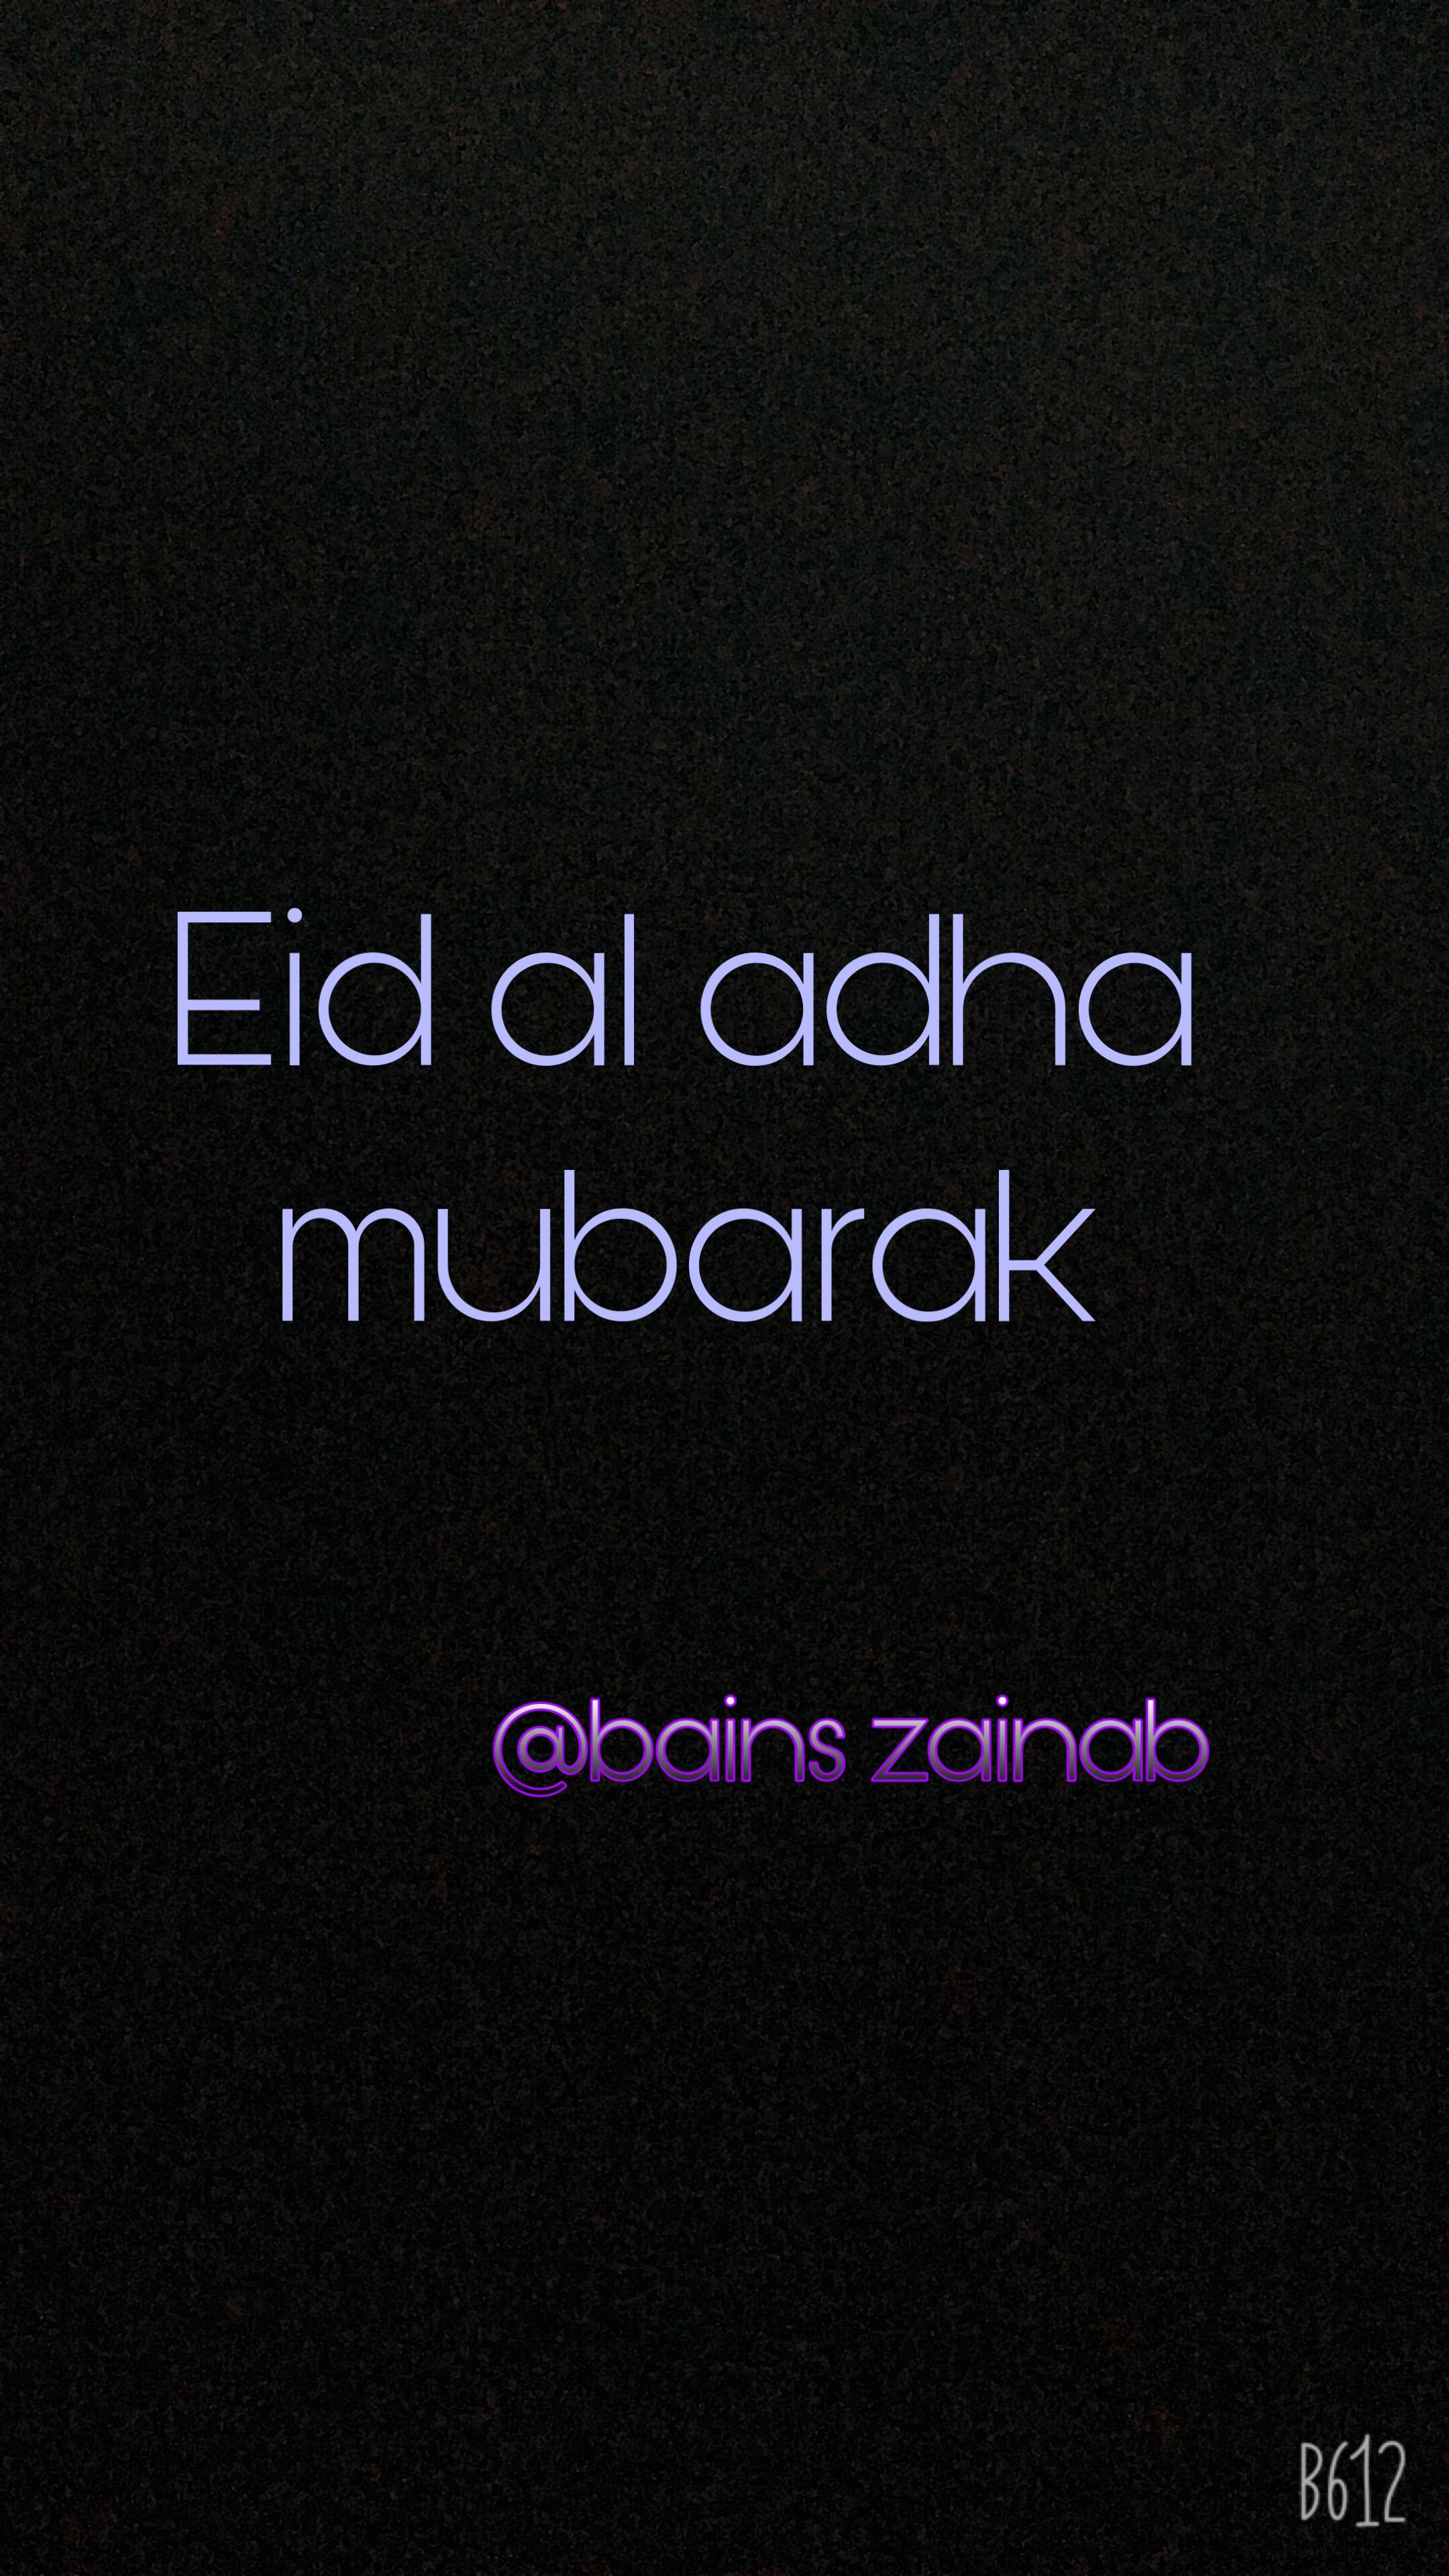 Eid Mubarak Al Adha Image By Zainab